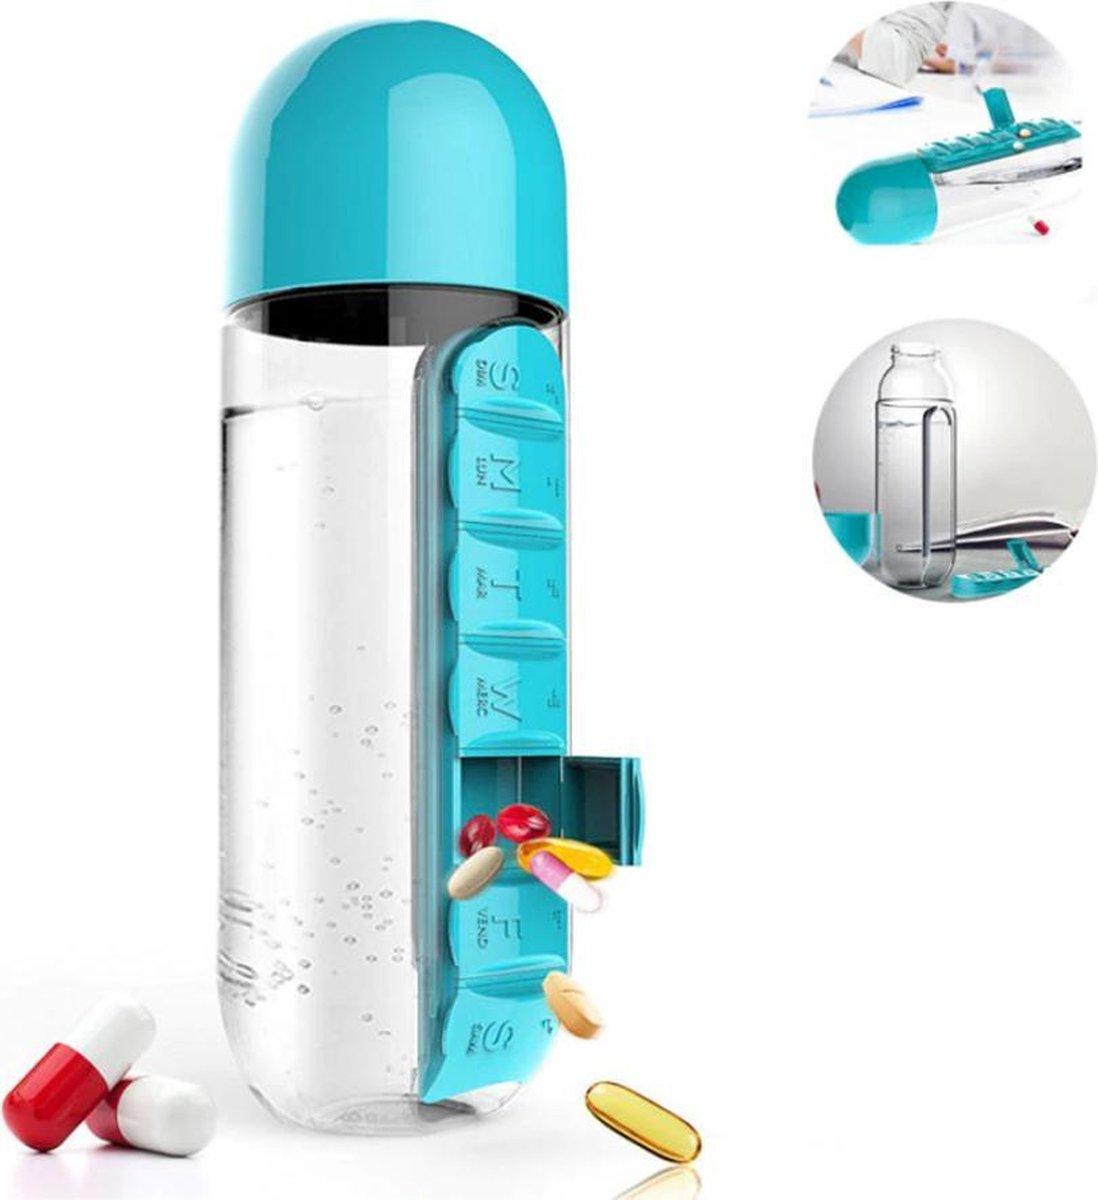 Waterfles met ingebouwde pillendoos Pillenfles Medicatiefles 600ml inhoud / Blauw / HaverCo